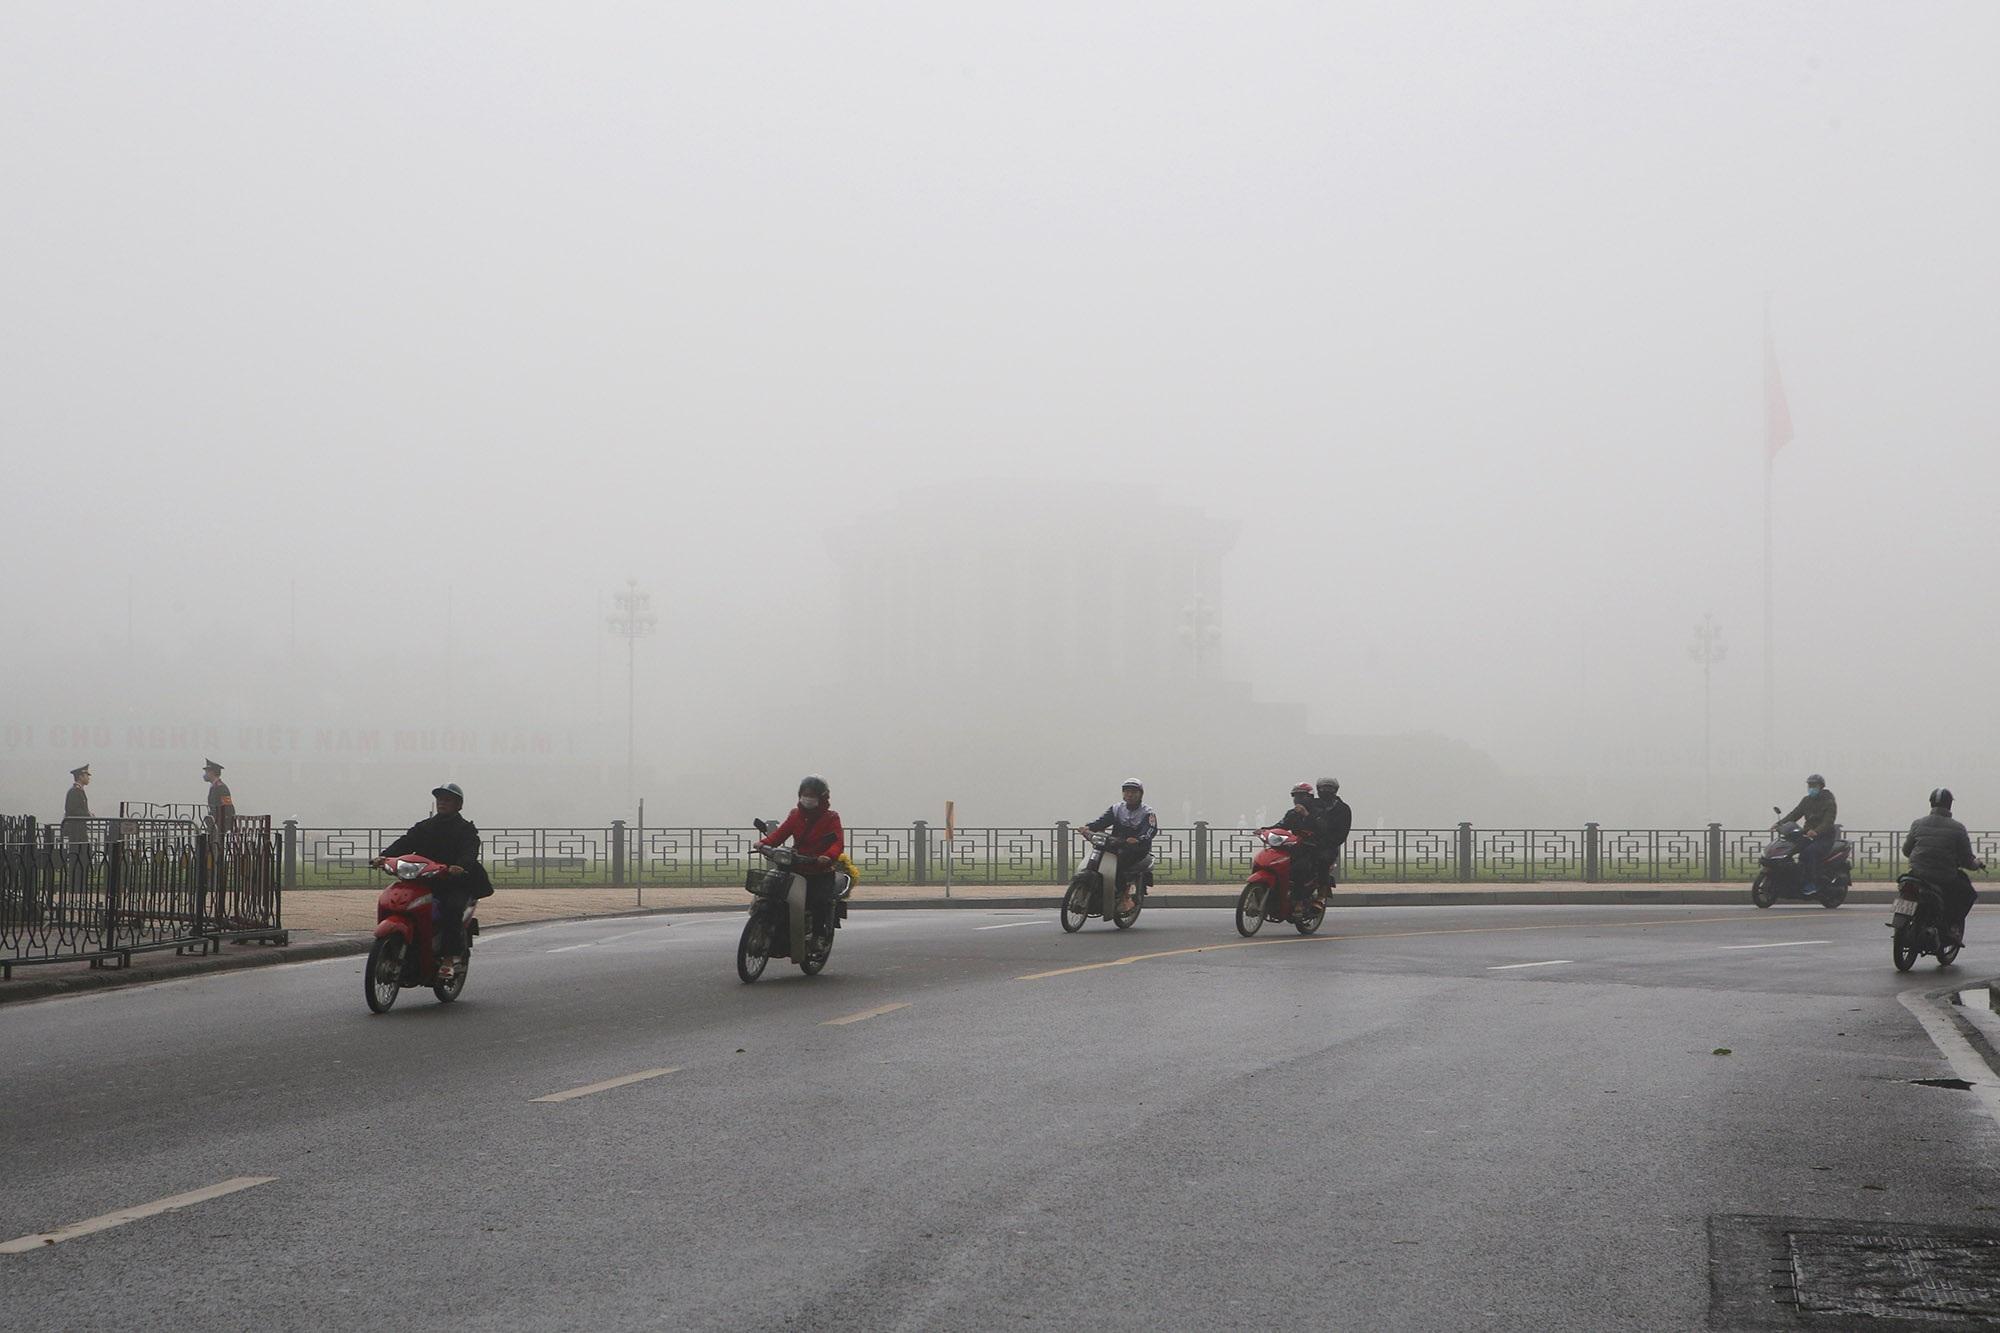 Hà Nội thơ mộng sau làn sương mù dày đặc - 2